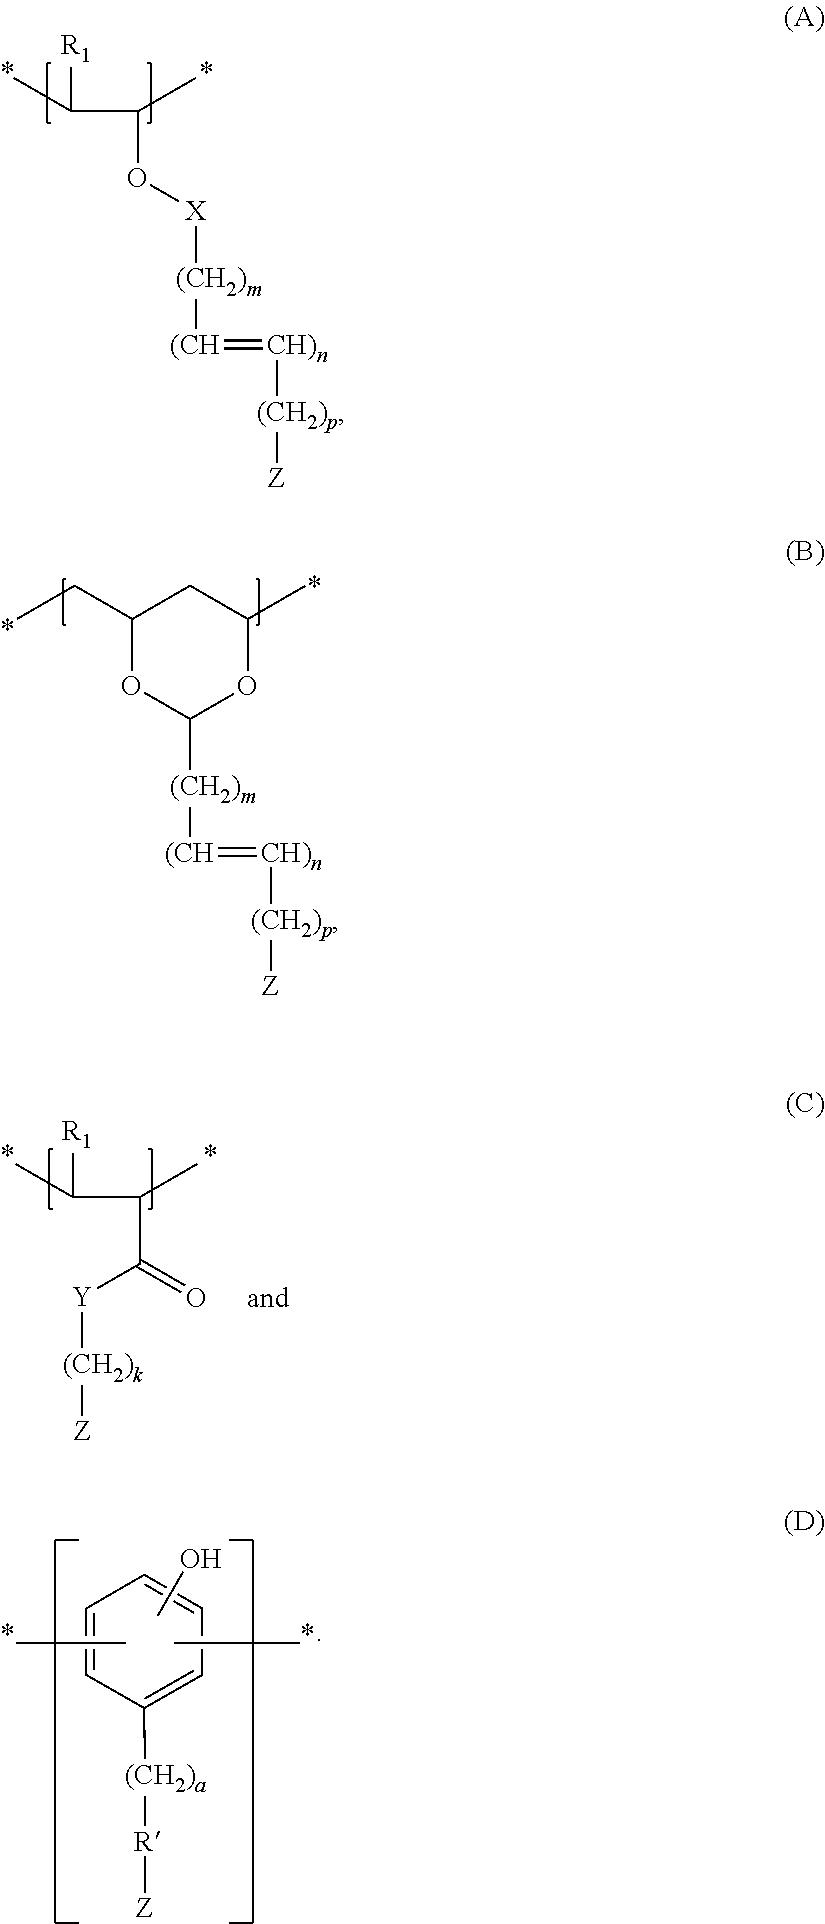 Figure US09523060-20161220-C00016